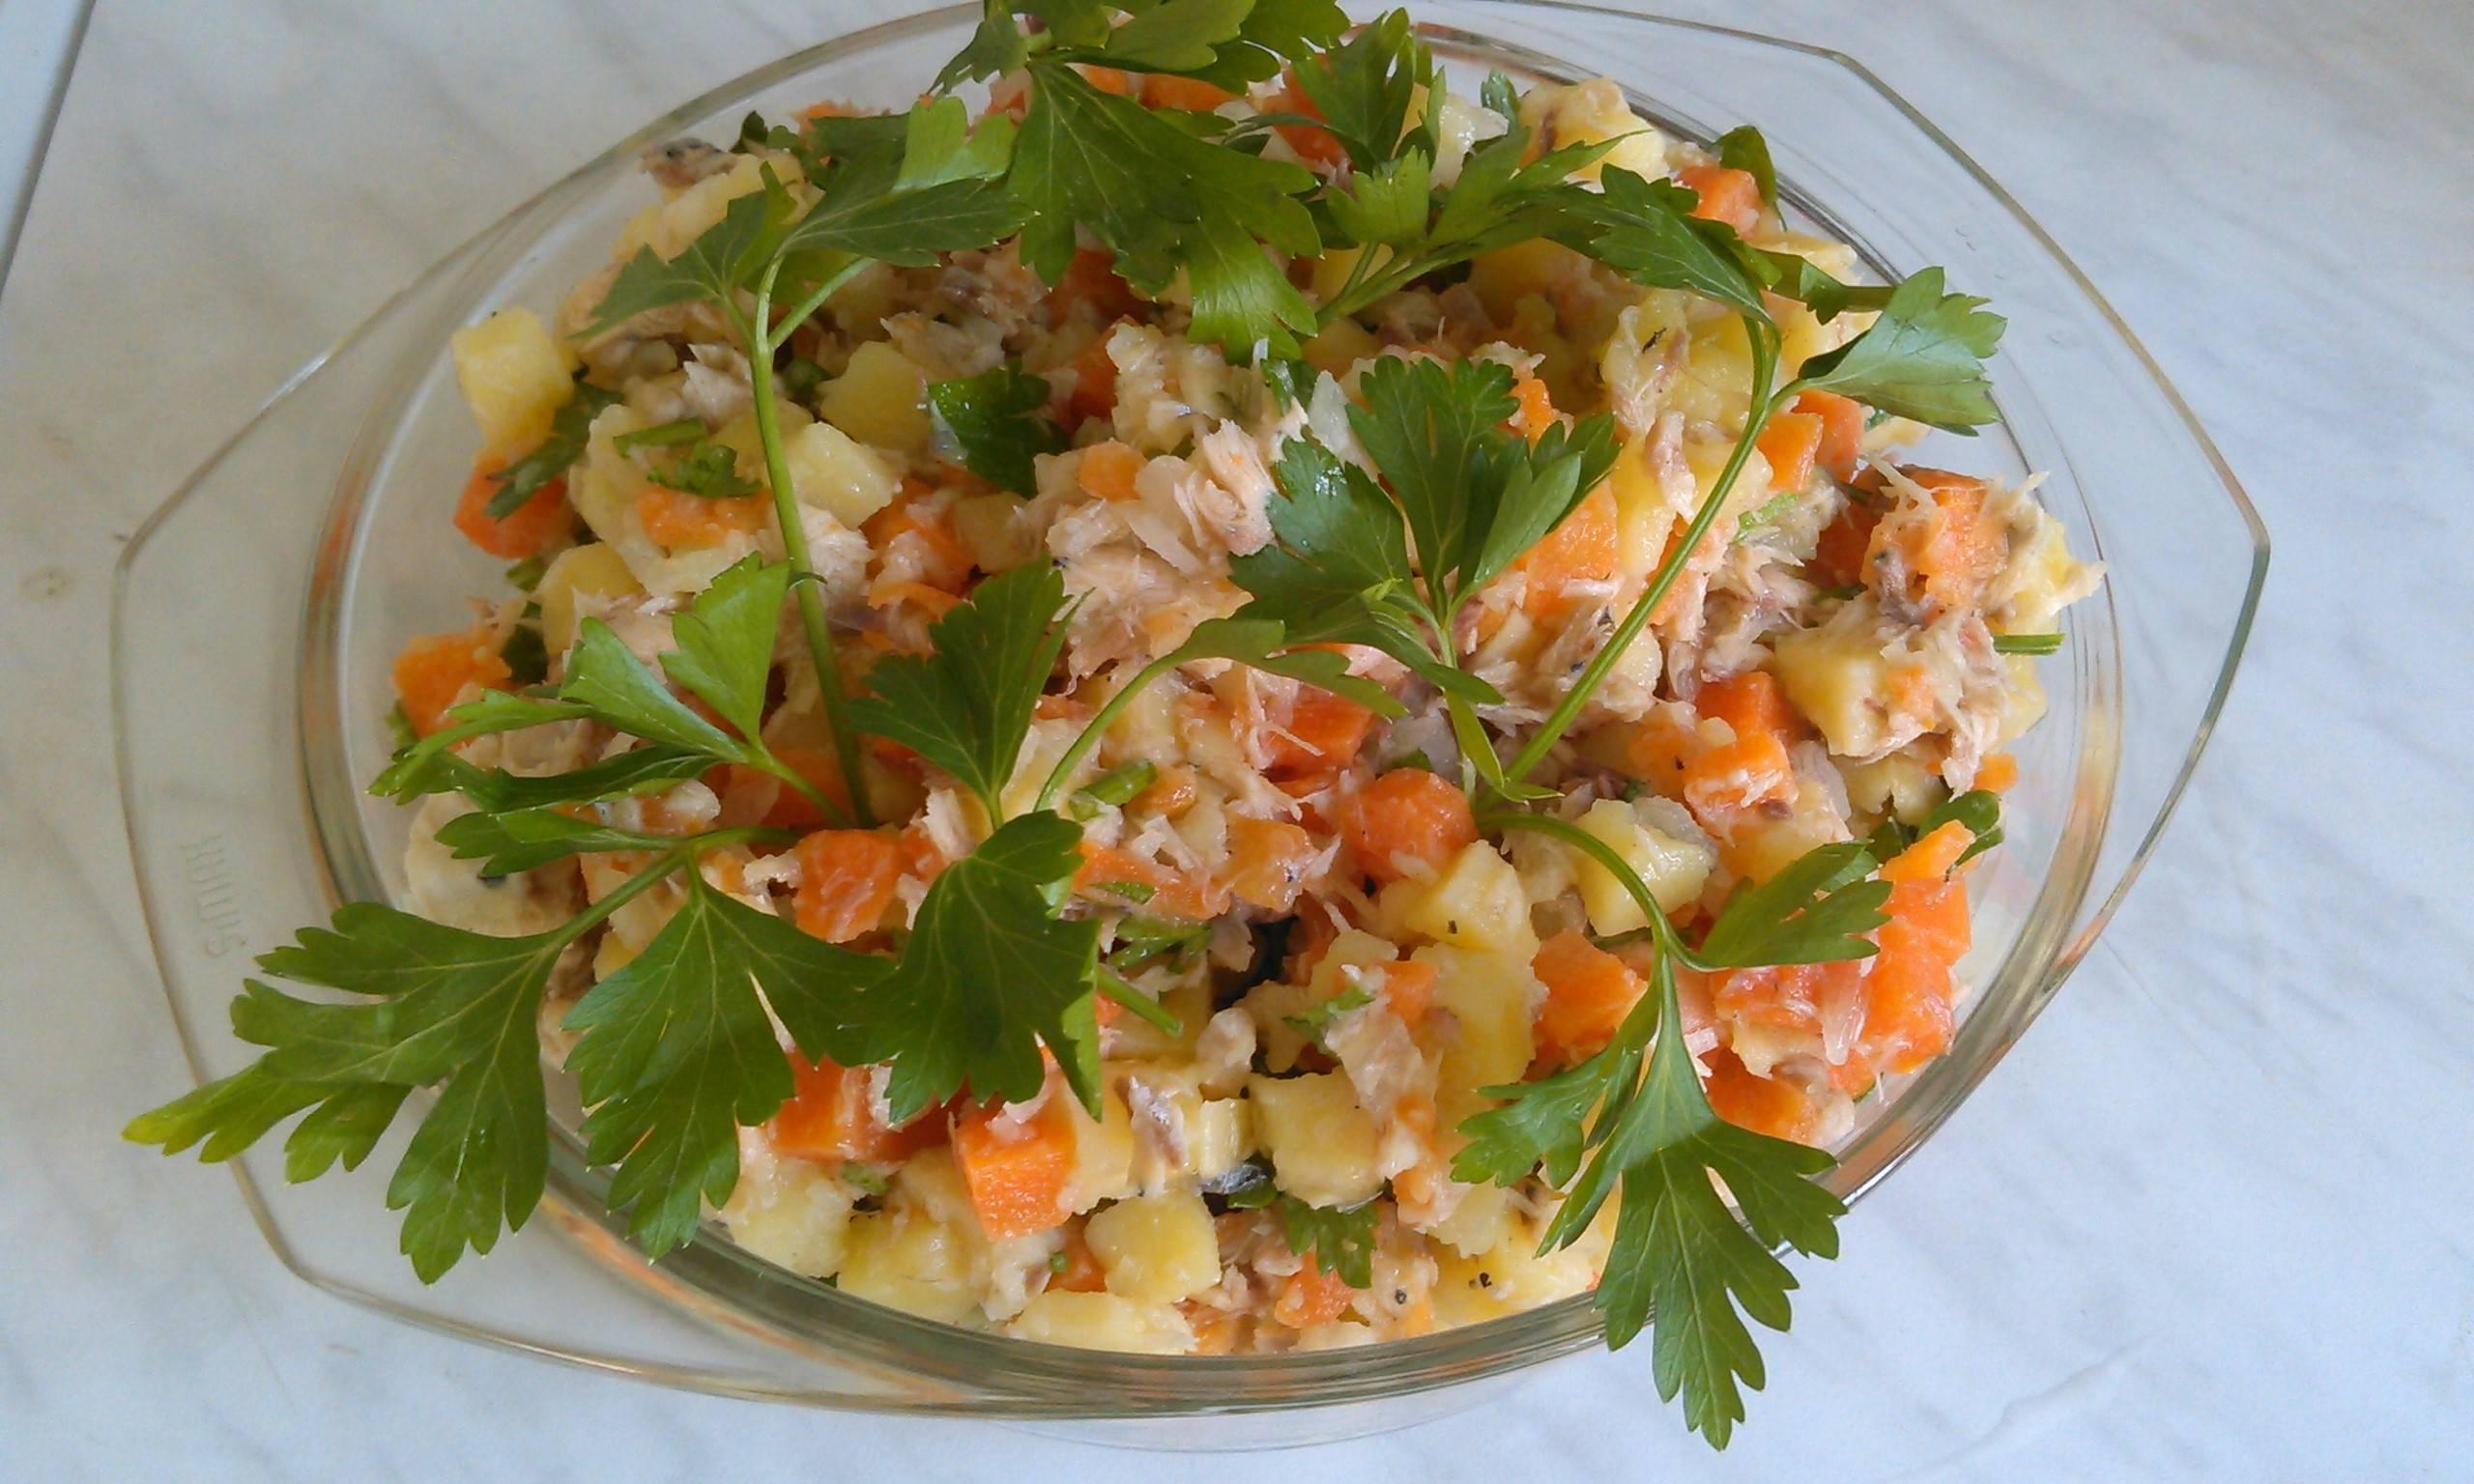 По-новому стала готовить салат из рыбных консервов. Вкуснее и проще. Секрет в заправке